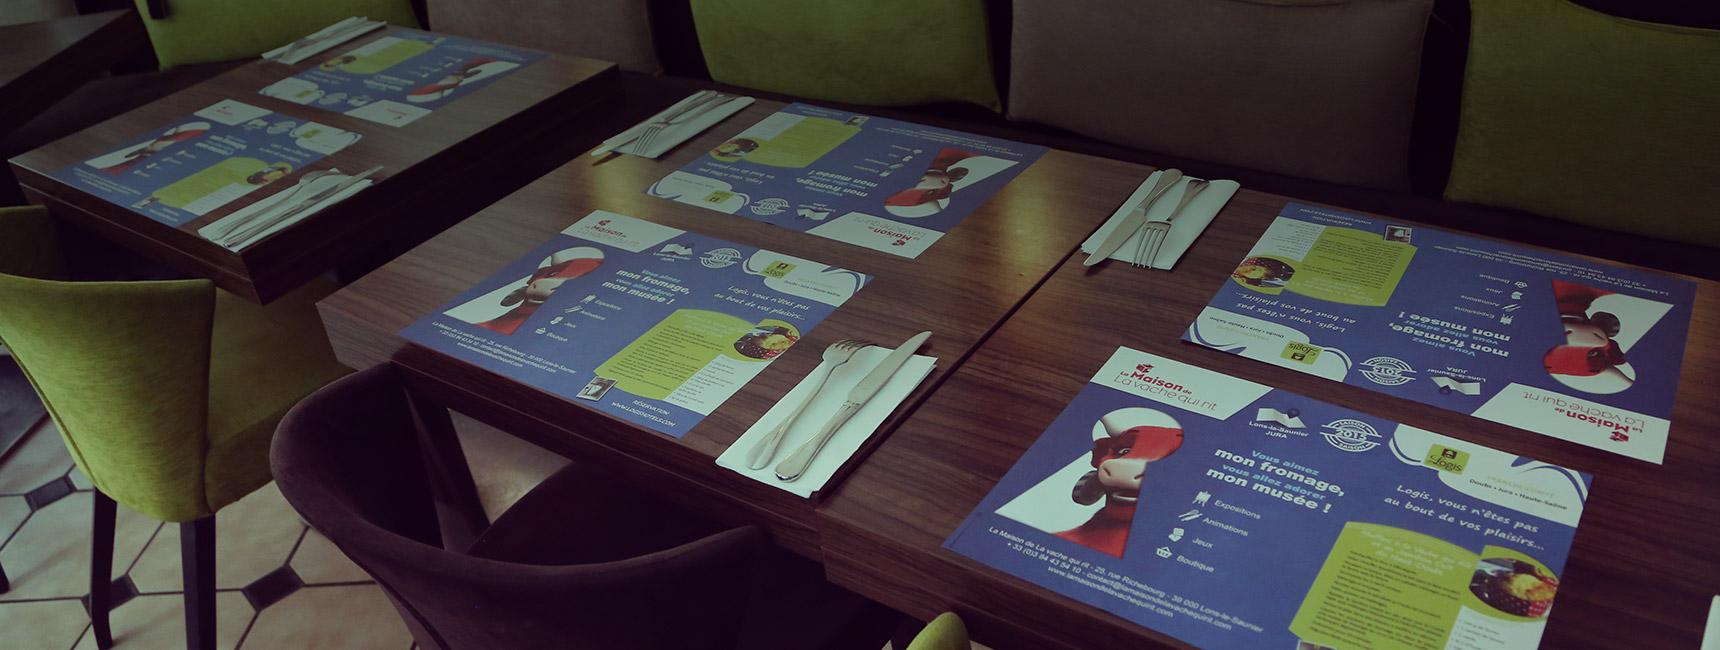 Set de table publicitaire, support tactique - Média tactique - Keemia Paris Agence marketing local en région Île-de-France